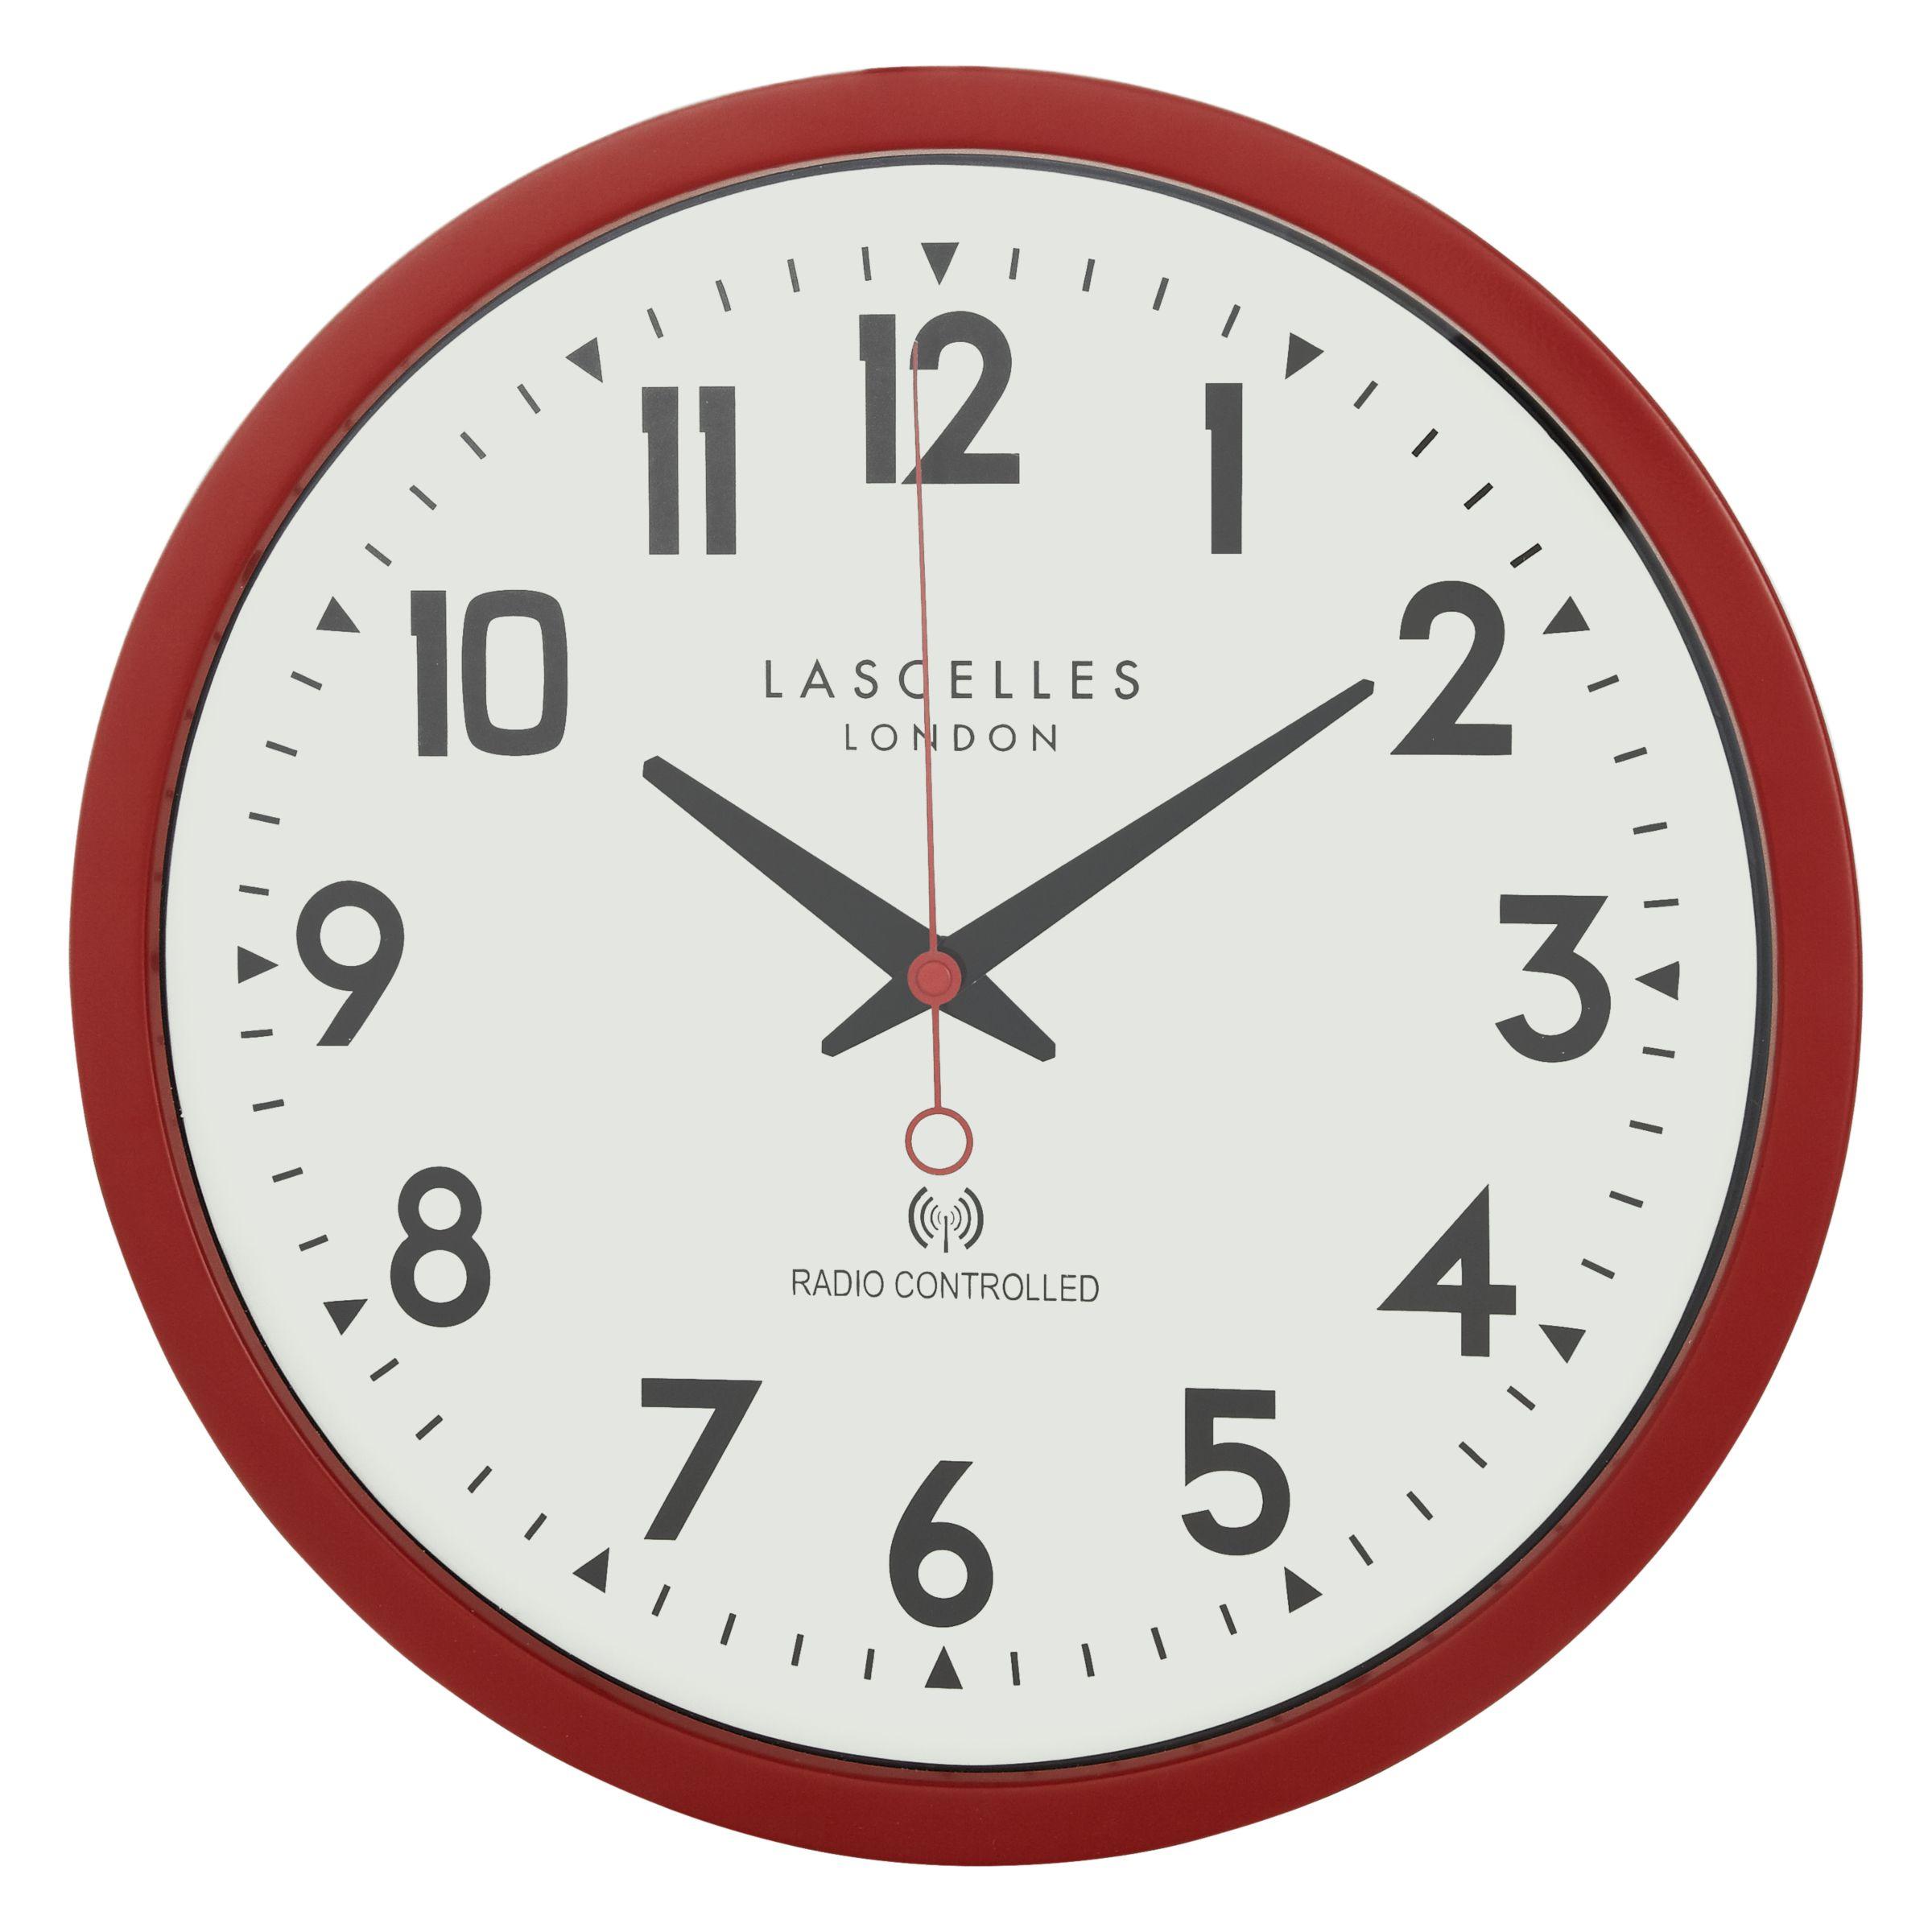 Lascelles Lascelles Radio Controlled Wall Clock